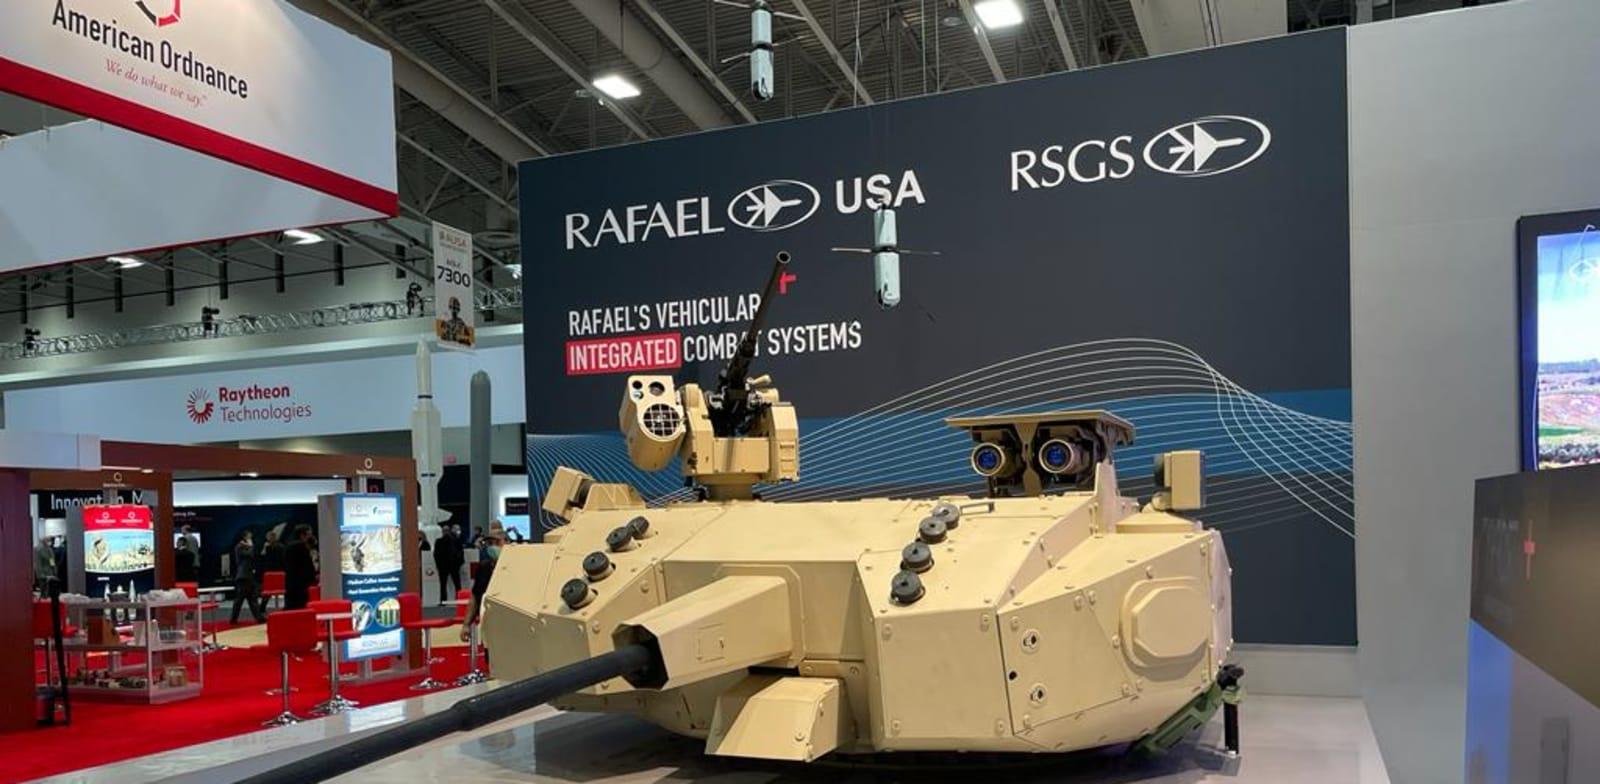 מערכת משולבת לצריחי רכב קרבי משוריין (רק''מ) של רפאל בתערוכה / צילום: רפאל